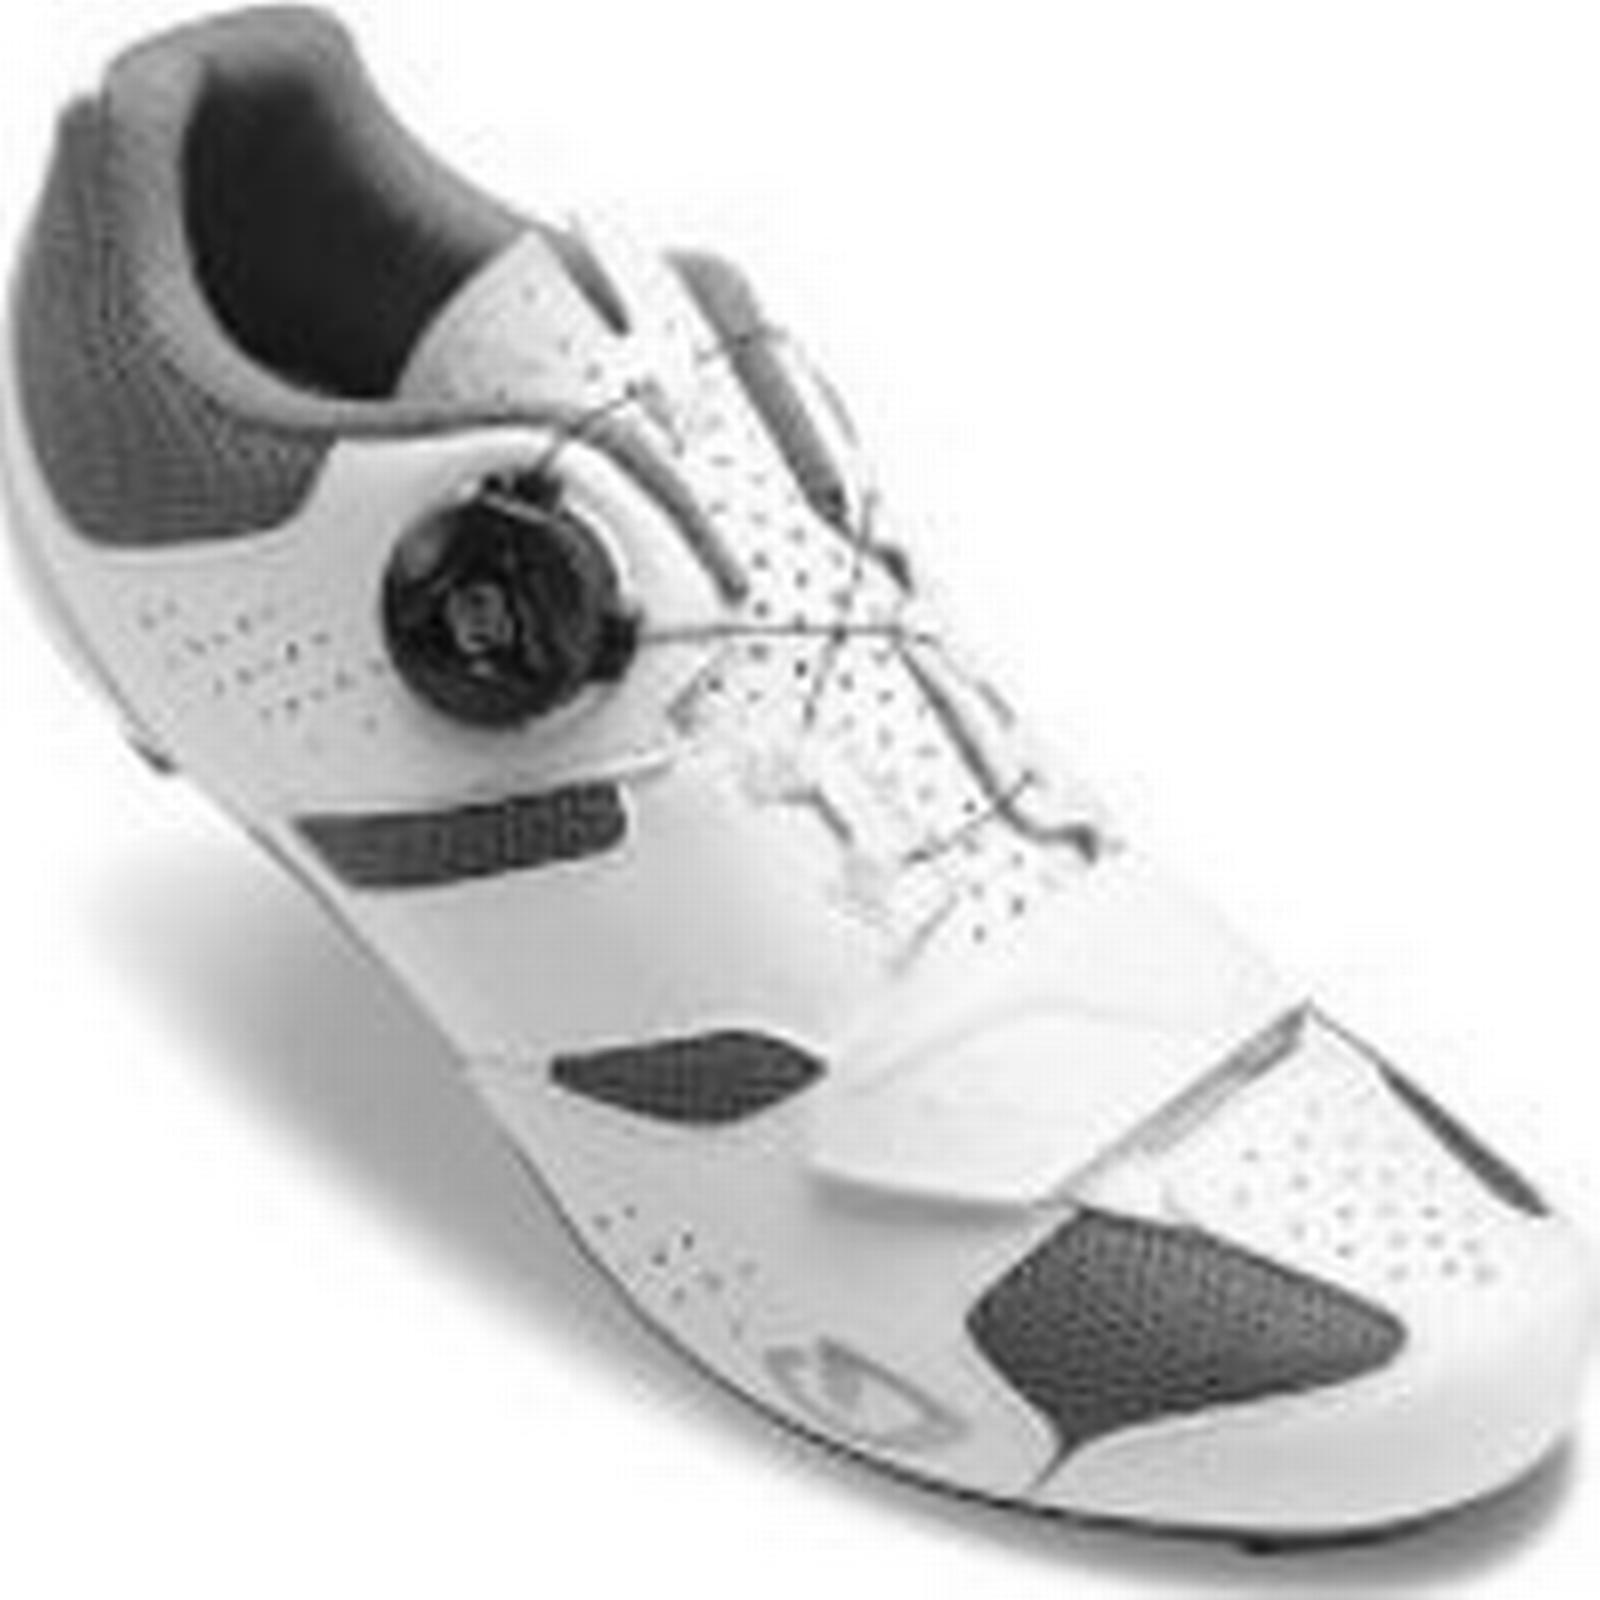 Giro Savix Women's Road Cycling Shoes - 5.5 White - EU 39/UK 5.5 - - White e8d9e1